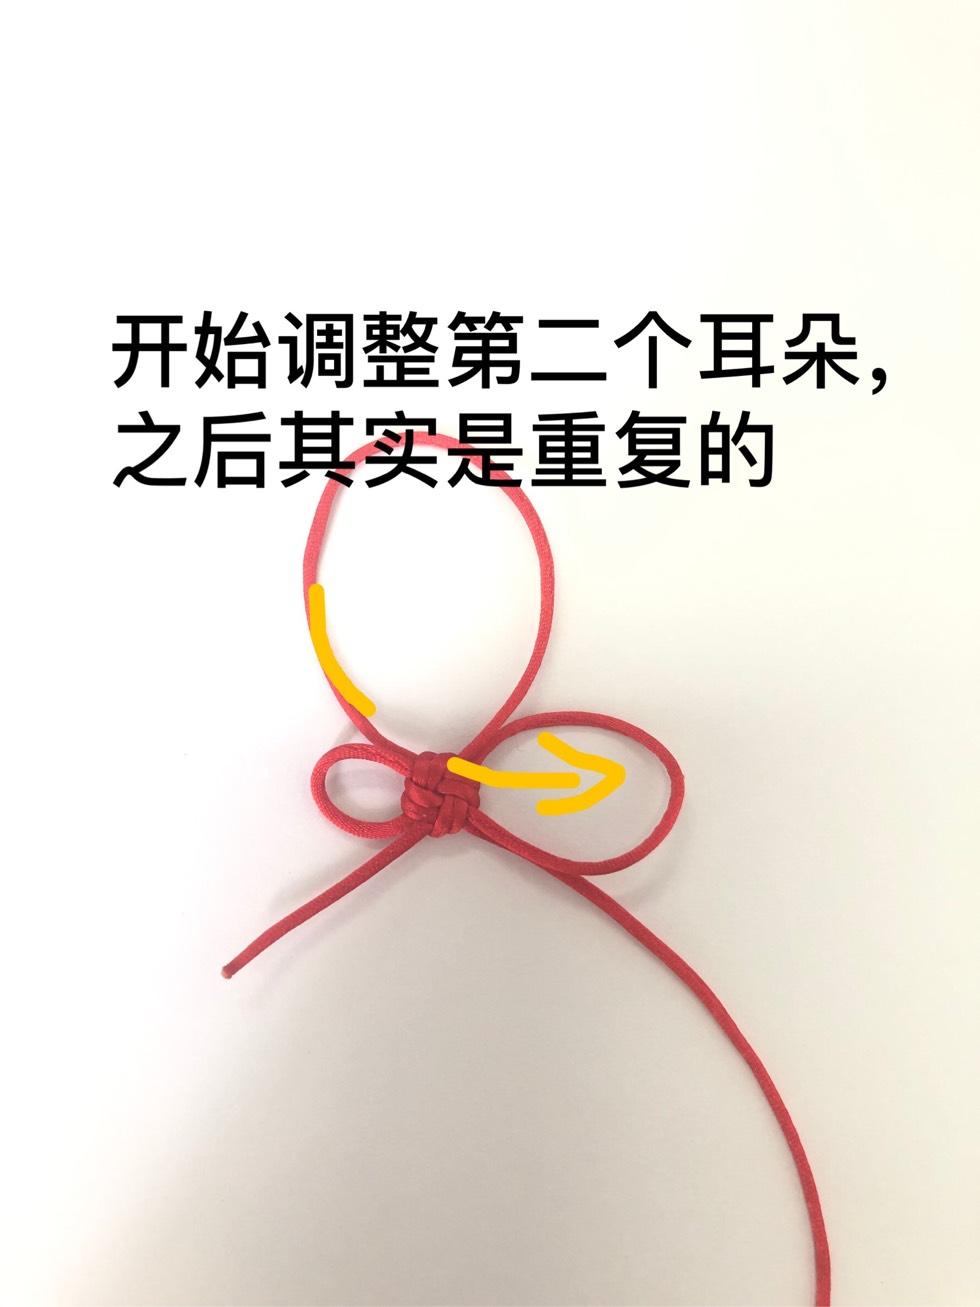 中国结论坛 胡老师的单线冰花调线详解 小缸和阿灿中胡老师谁,胡老师教育怎么样,胡老师学历,冰花的意思,年轻时候的胡老师 图文教程区 160822hf2c4vg2lw2r4vdy